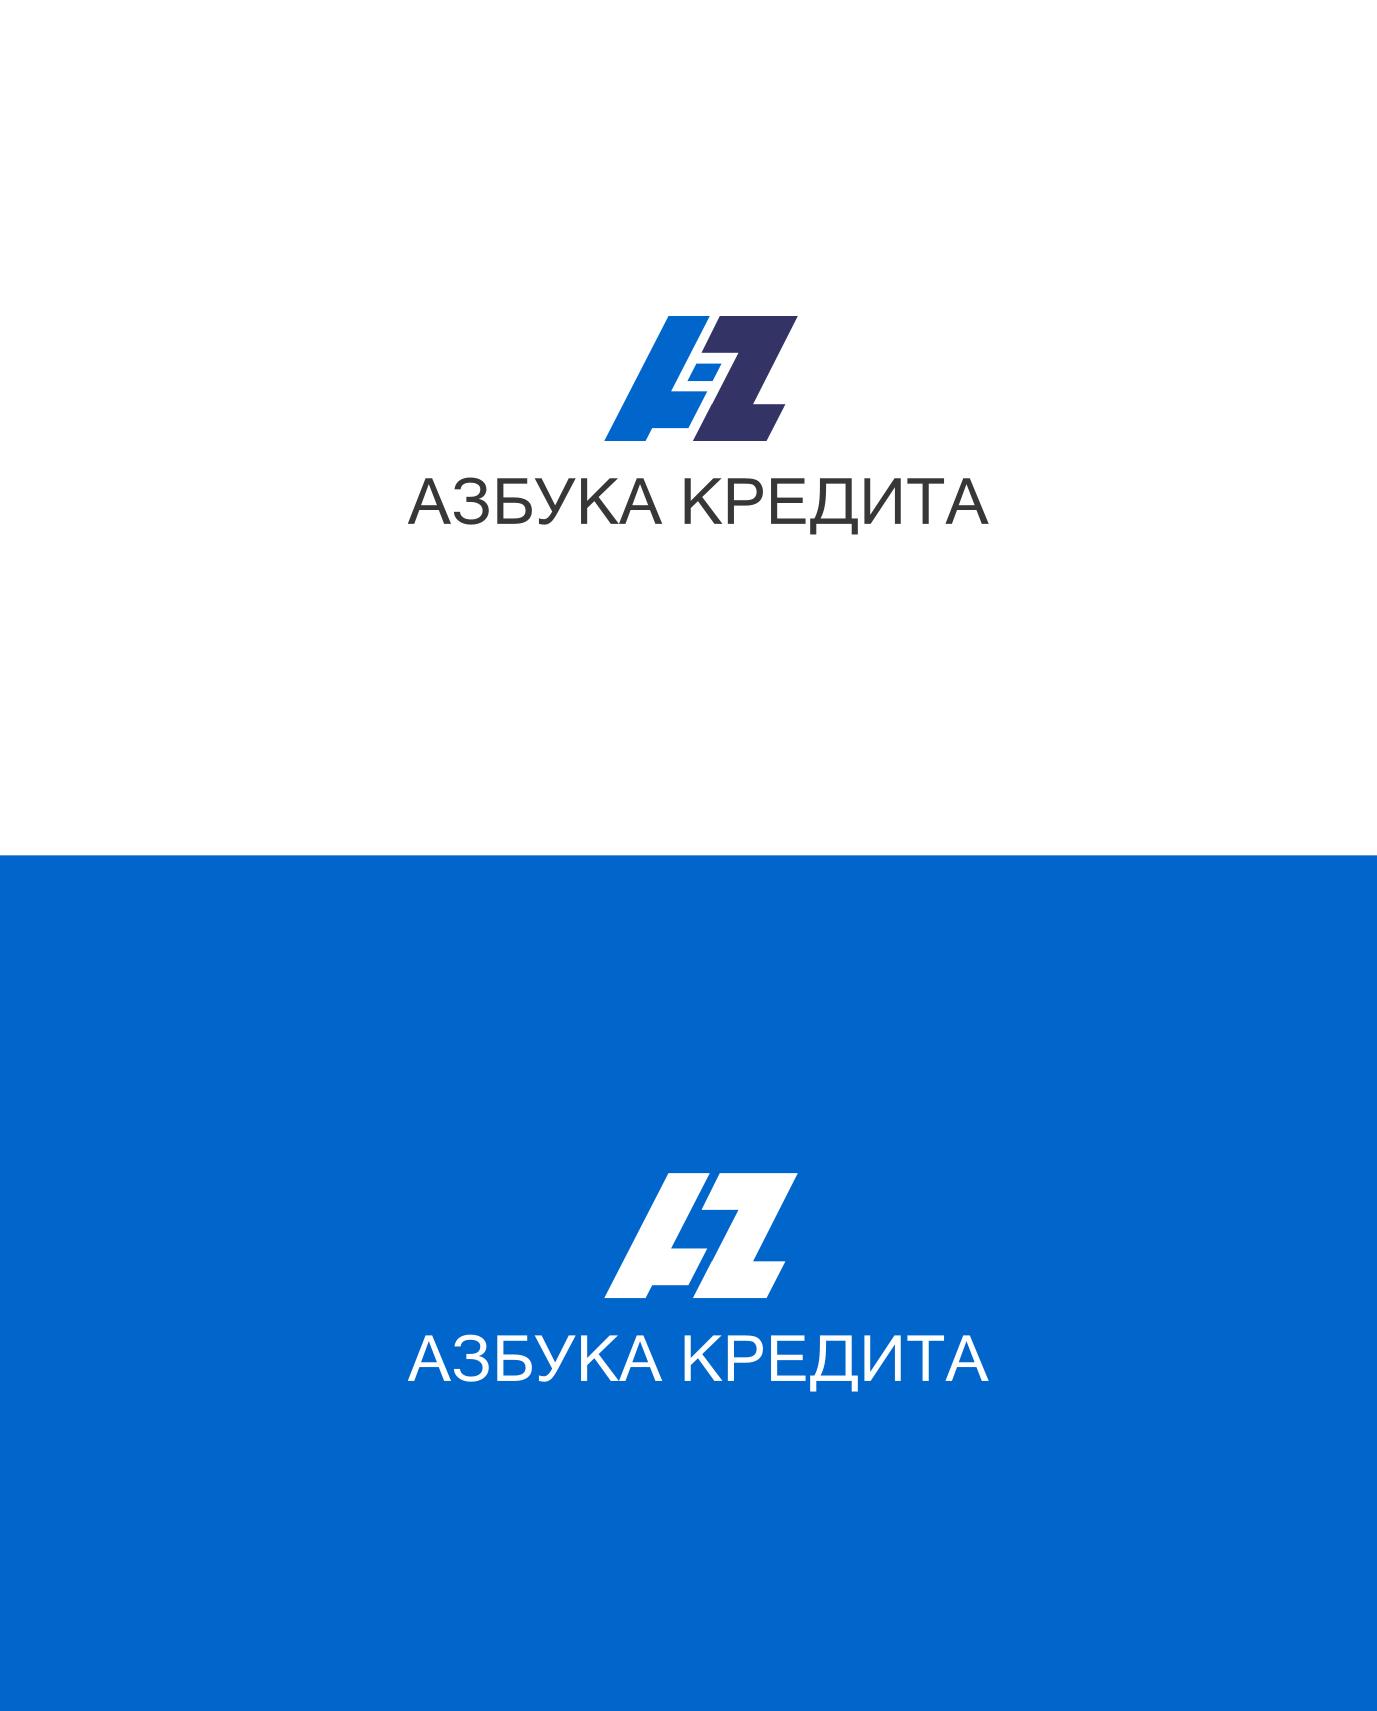 Разработать логотип для финансовой компании фото f_9795debd59fc2d03.png